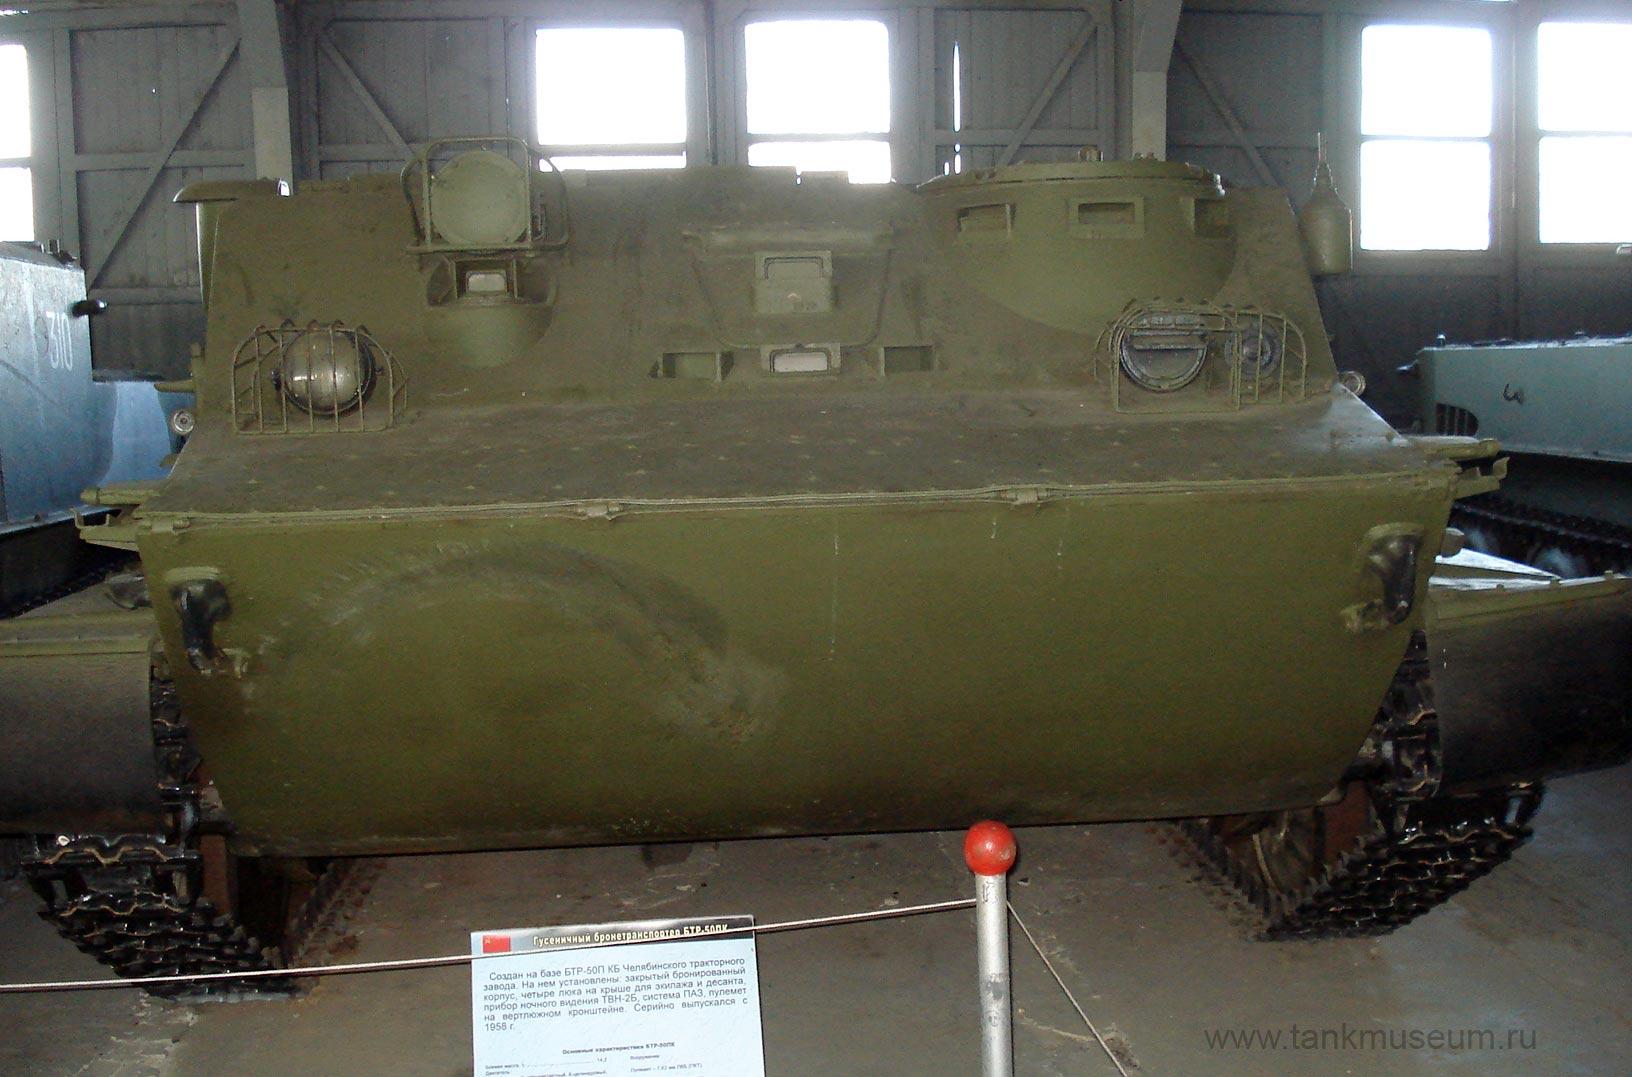 Бронетранспортер БТР-50ПК, танковый музей в Кубинке